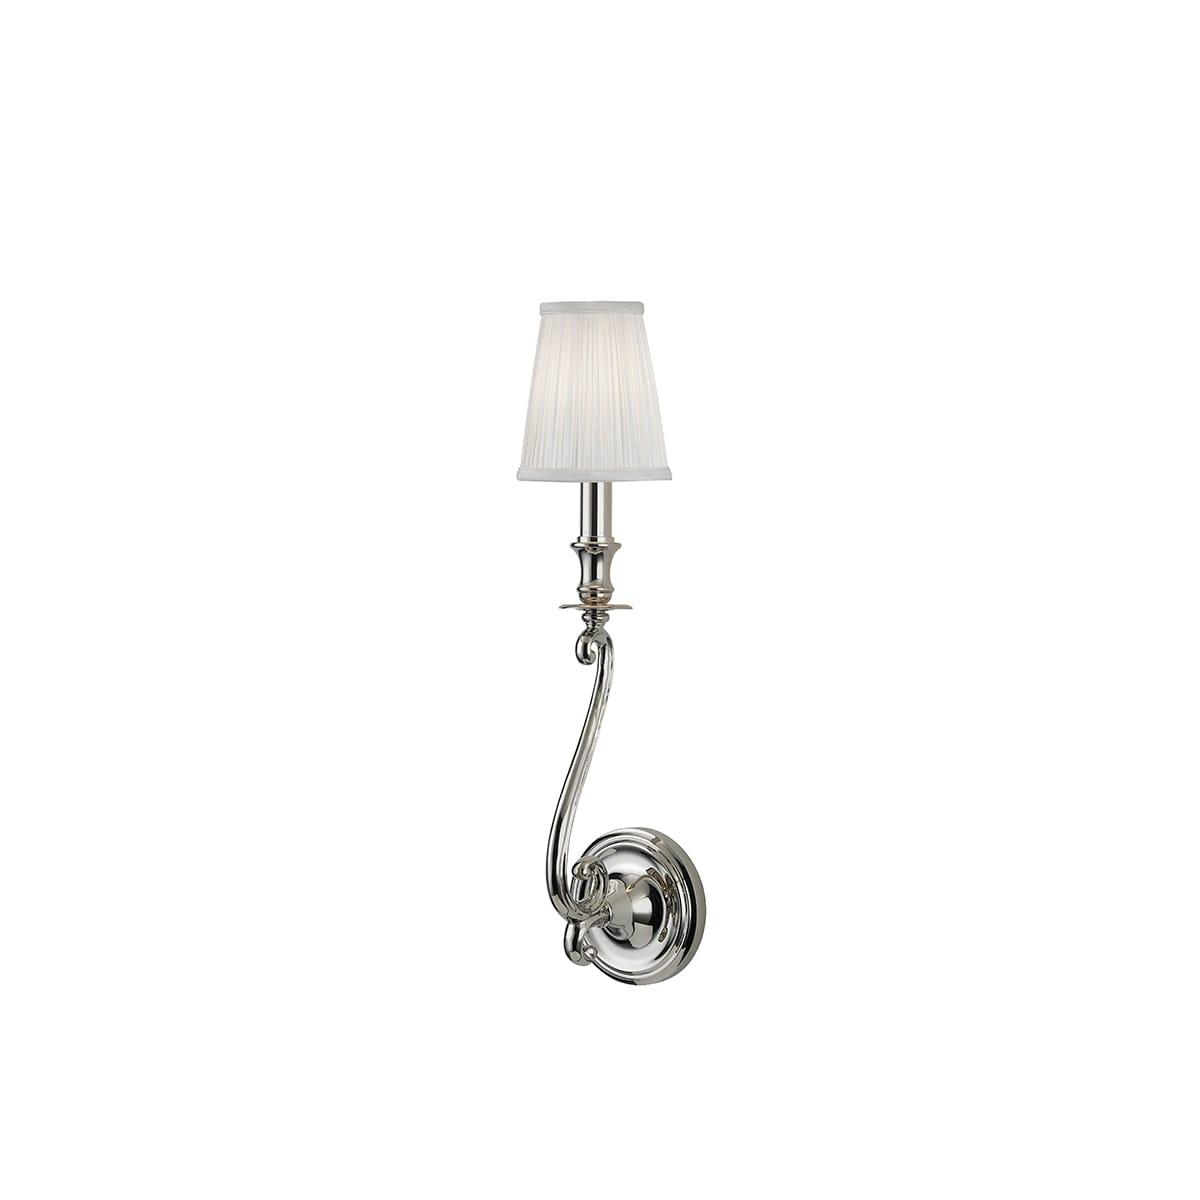 Hudson Valley Lighting 9441 Pn Polished